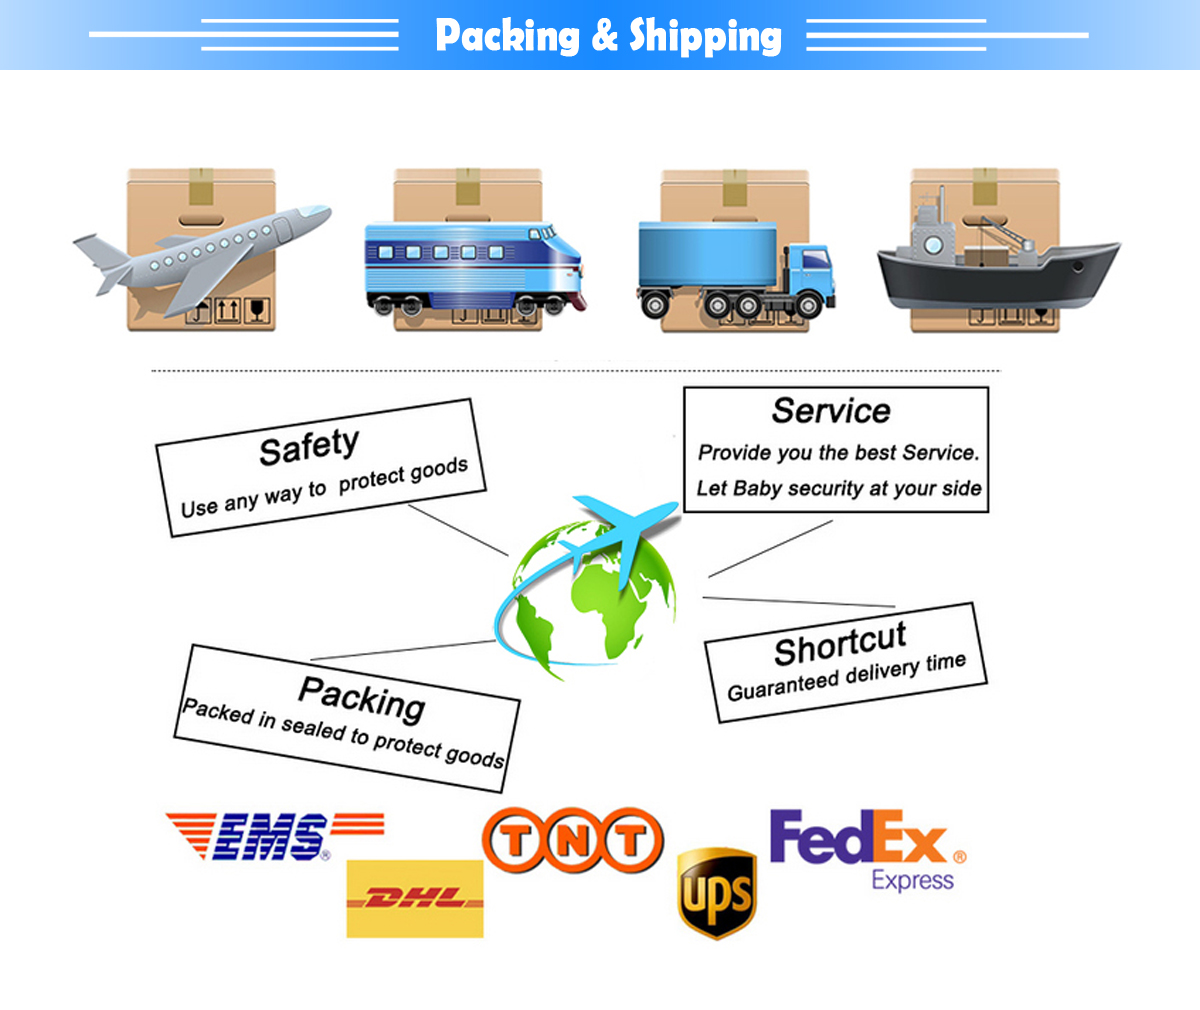 Lilan Fabrikant Robotic Tas En Fles Verpakkingsmachine Case Packer Voor Voedsel Industrie